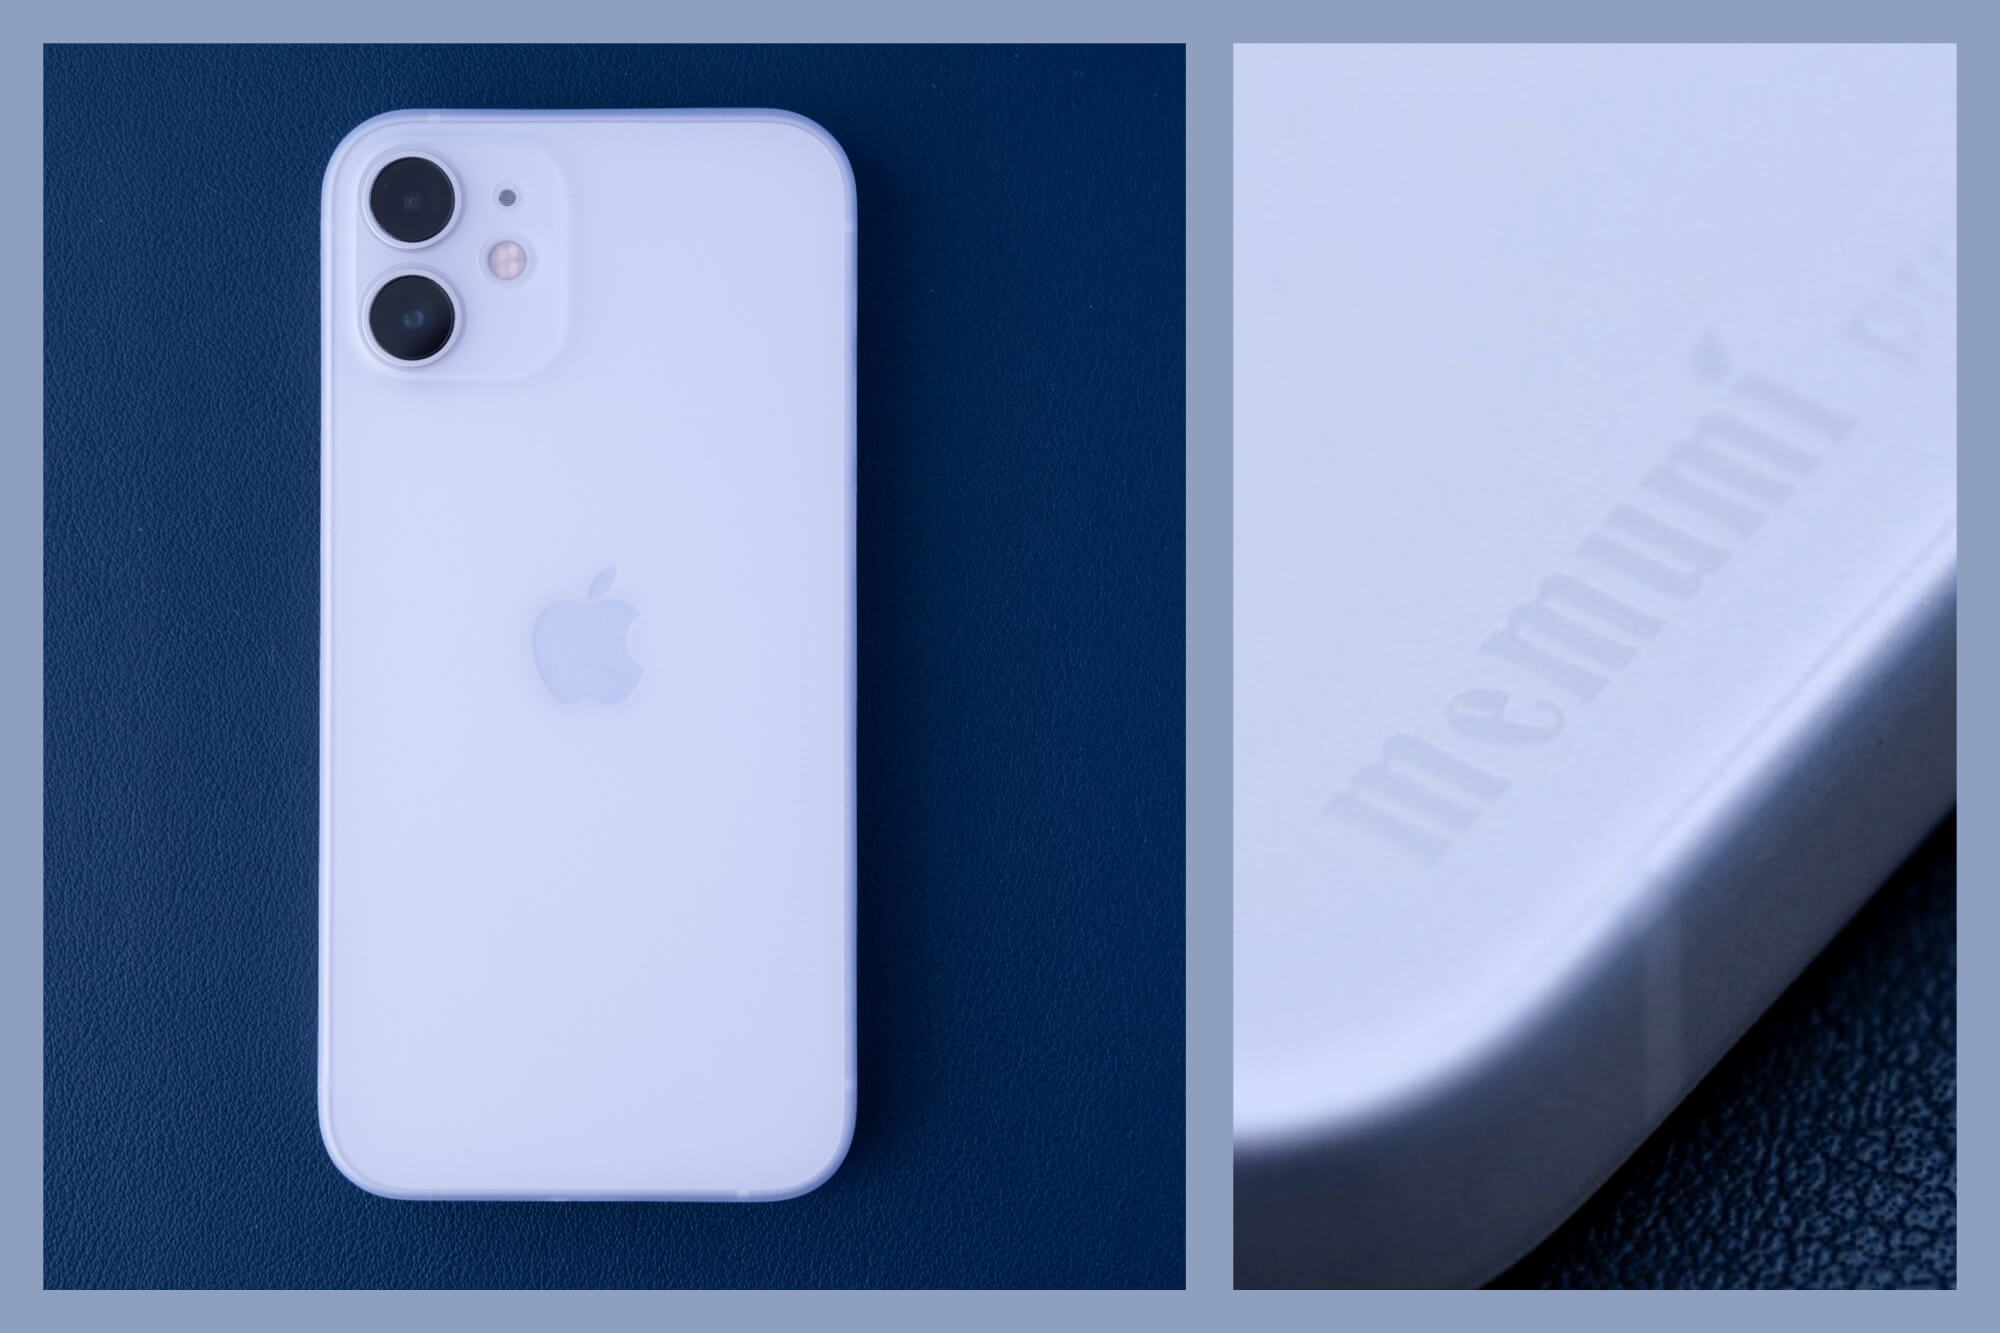 薄さ0.3mm。memumi iPhone 12 mini用ケース レビュー